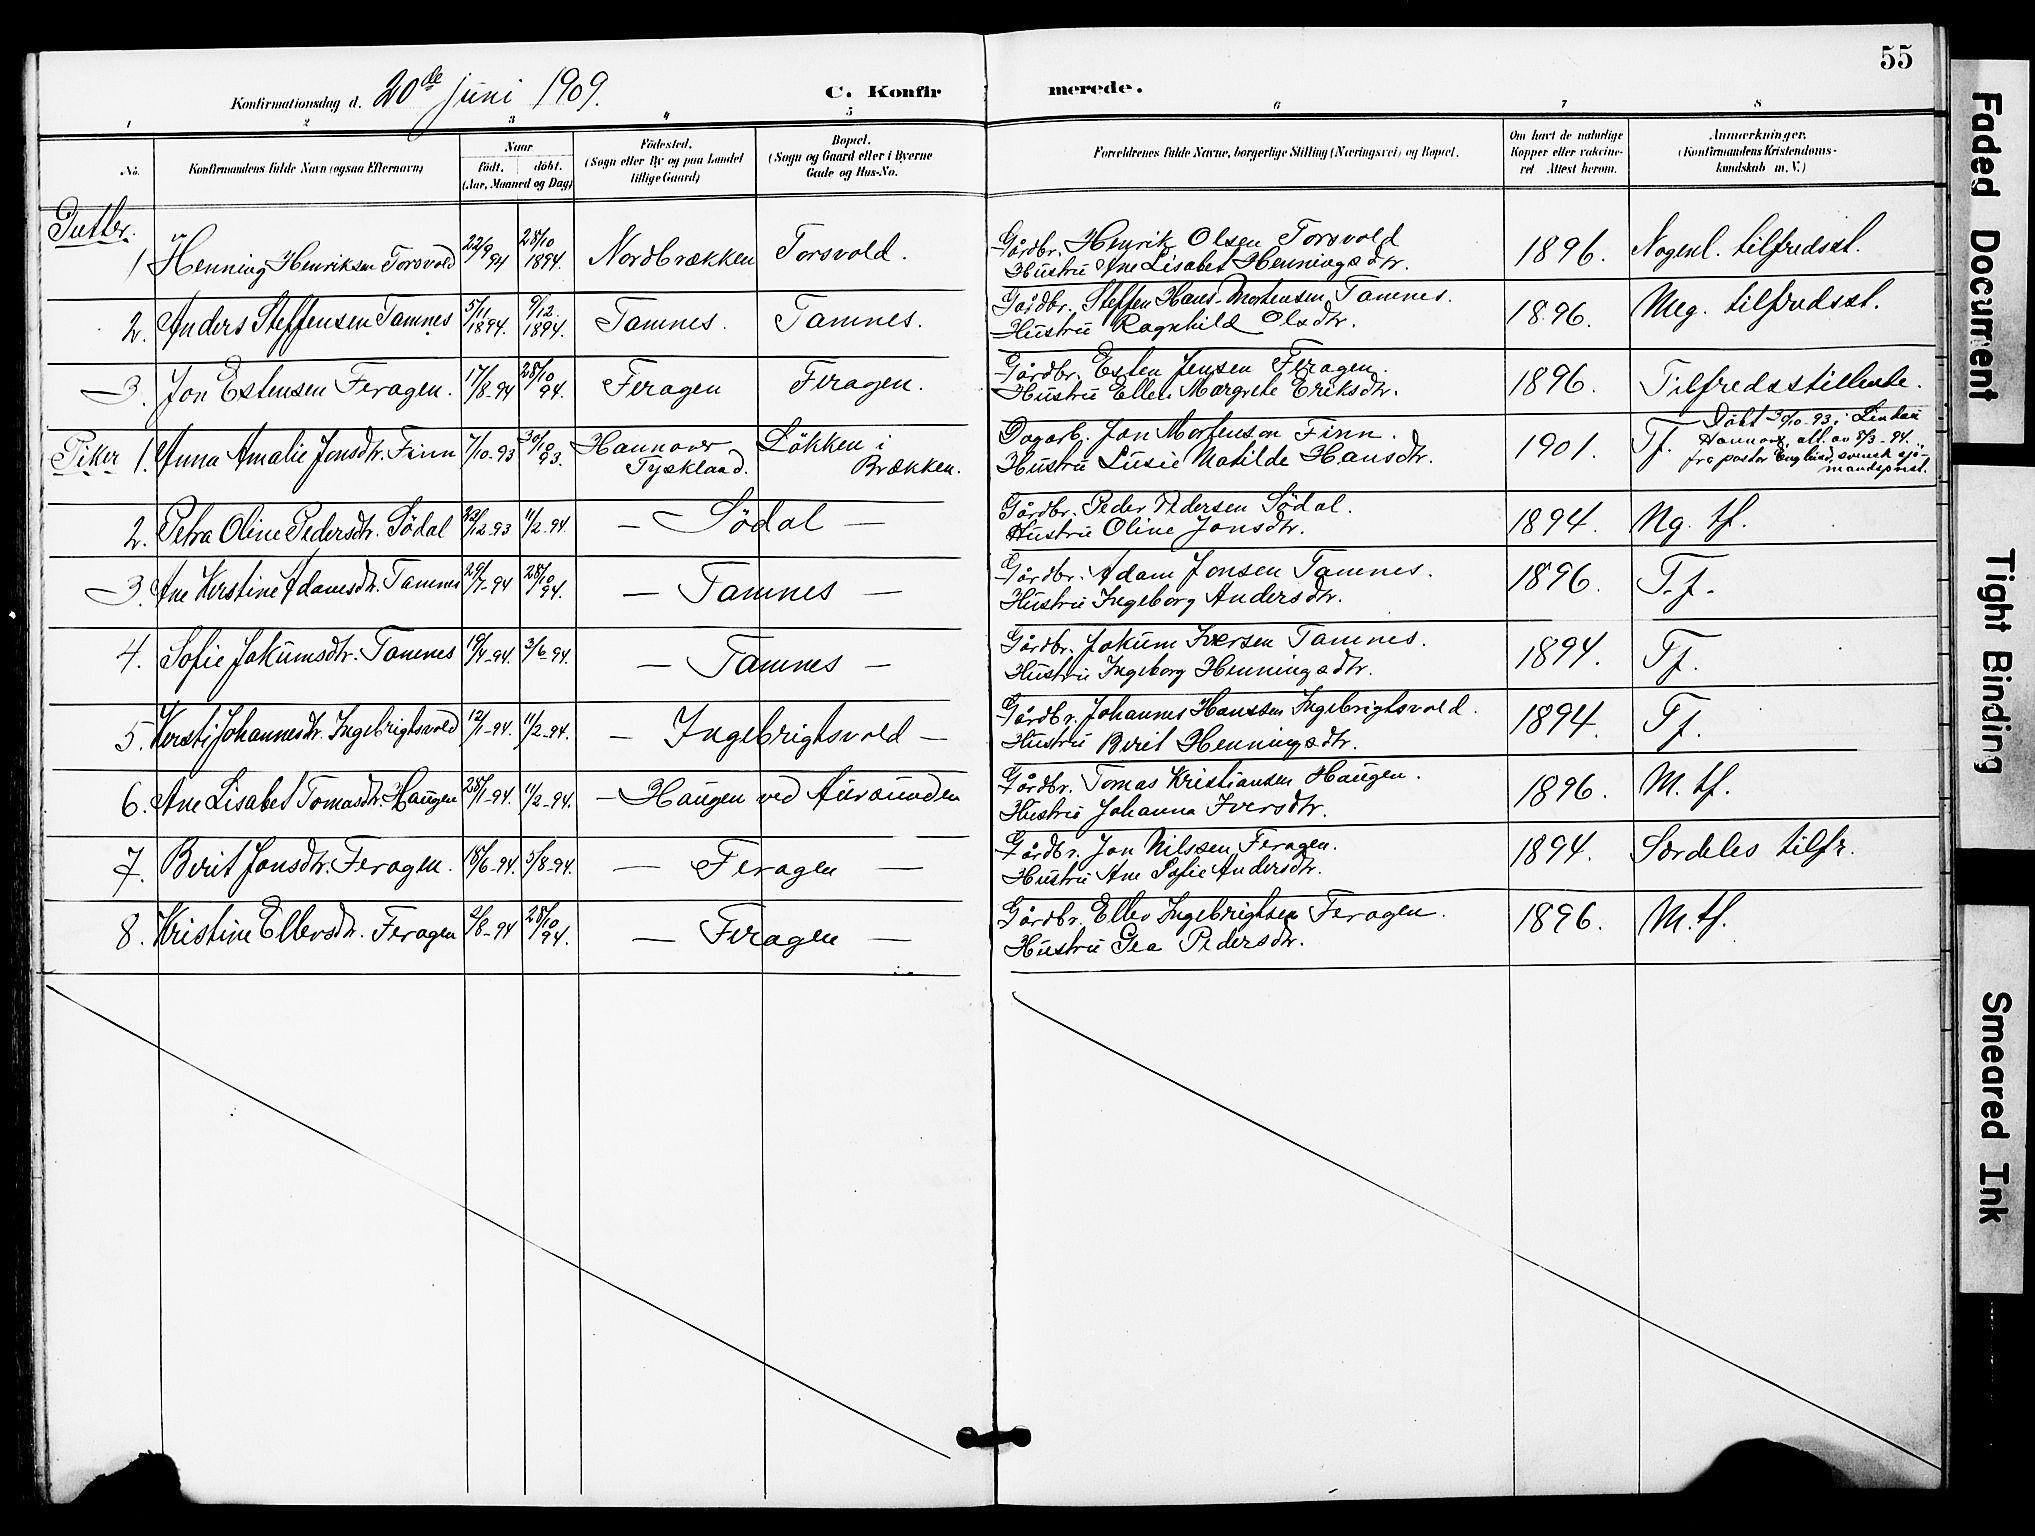 SAT, Ministerialprotokoller, klokkerbøker og fødselsregistre - Sør-Trøndelag, 683/L0950: Klokkerbok nr. 683C02, 1897-1918, s. 55